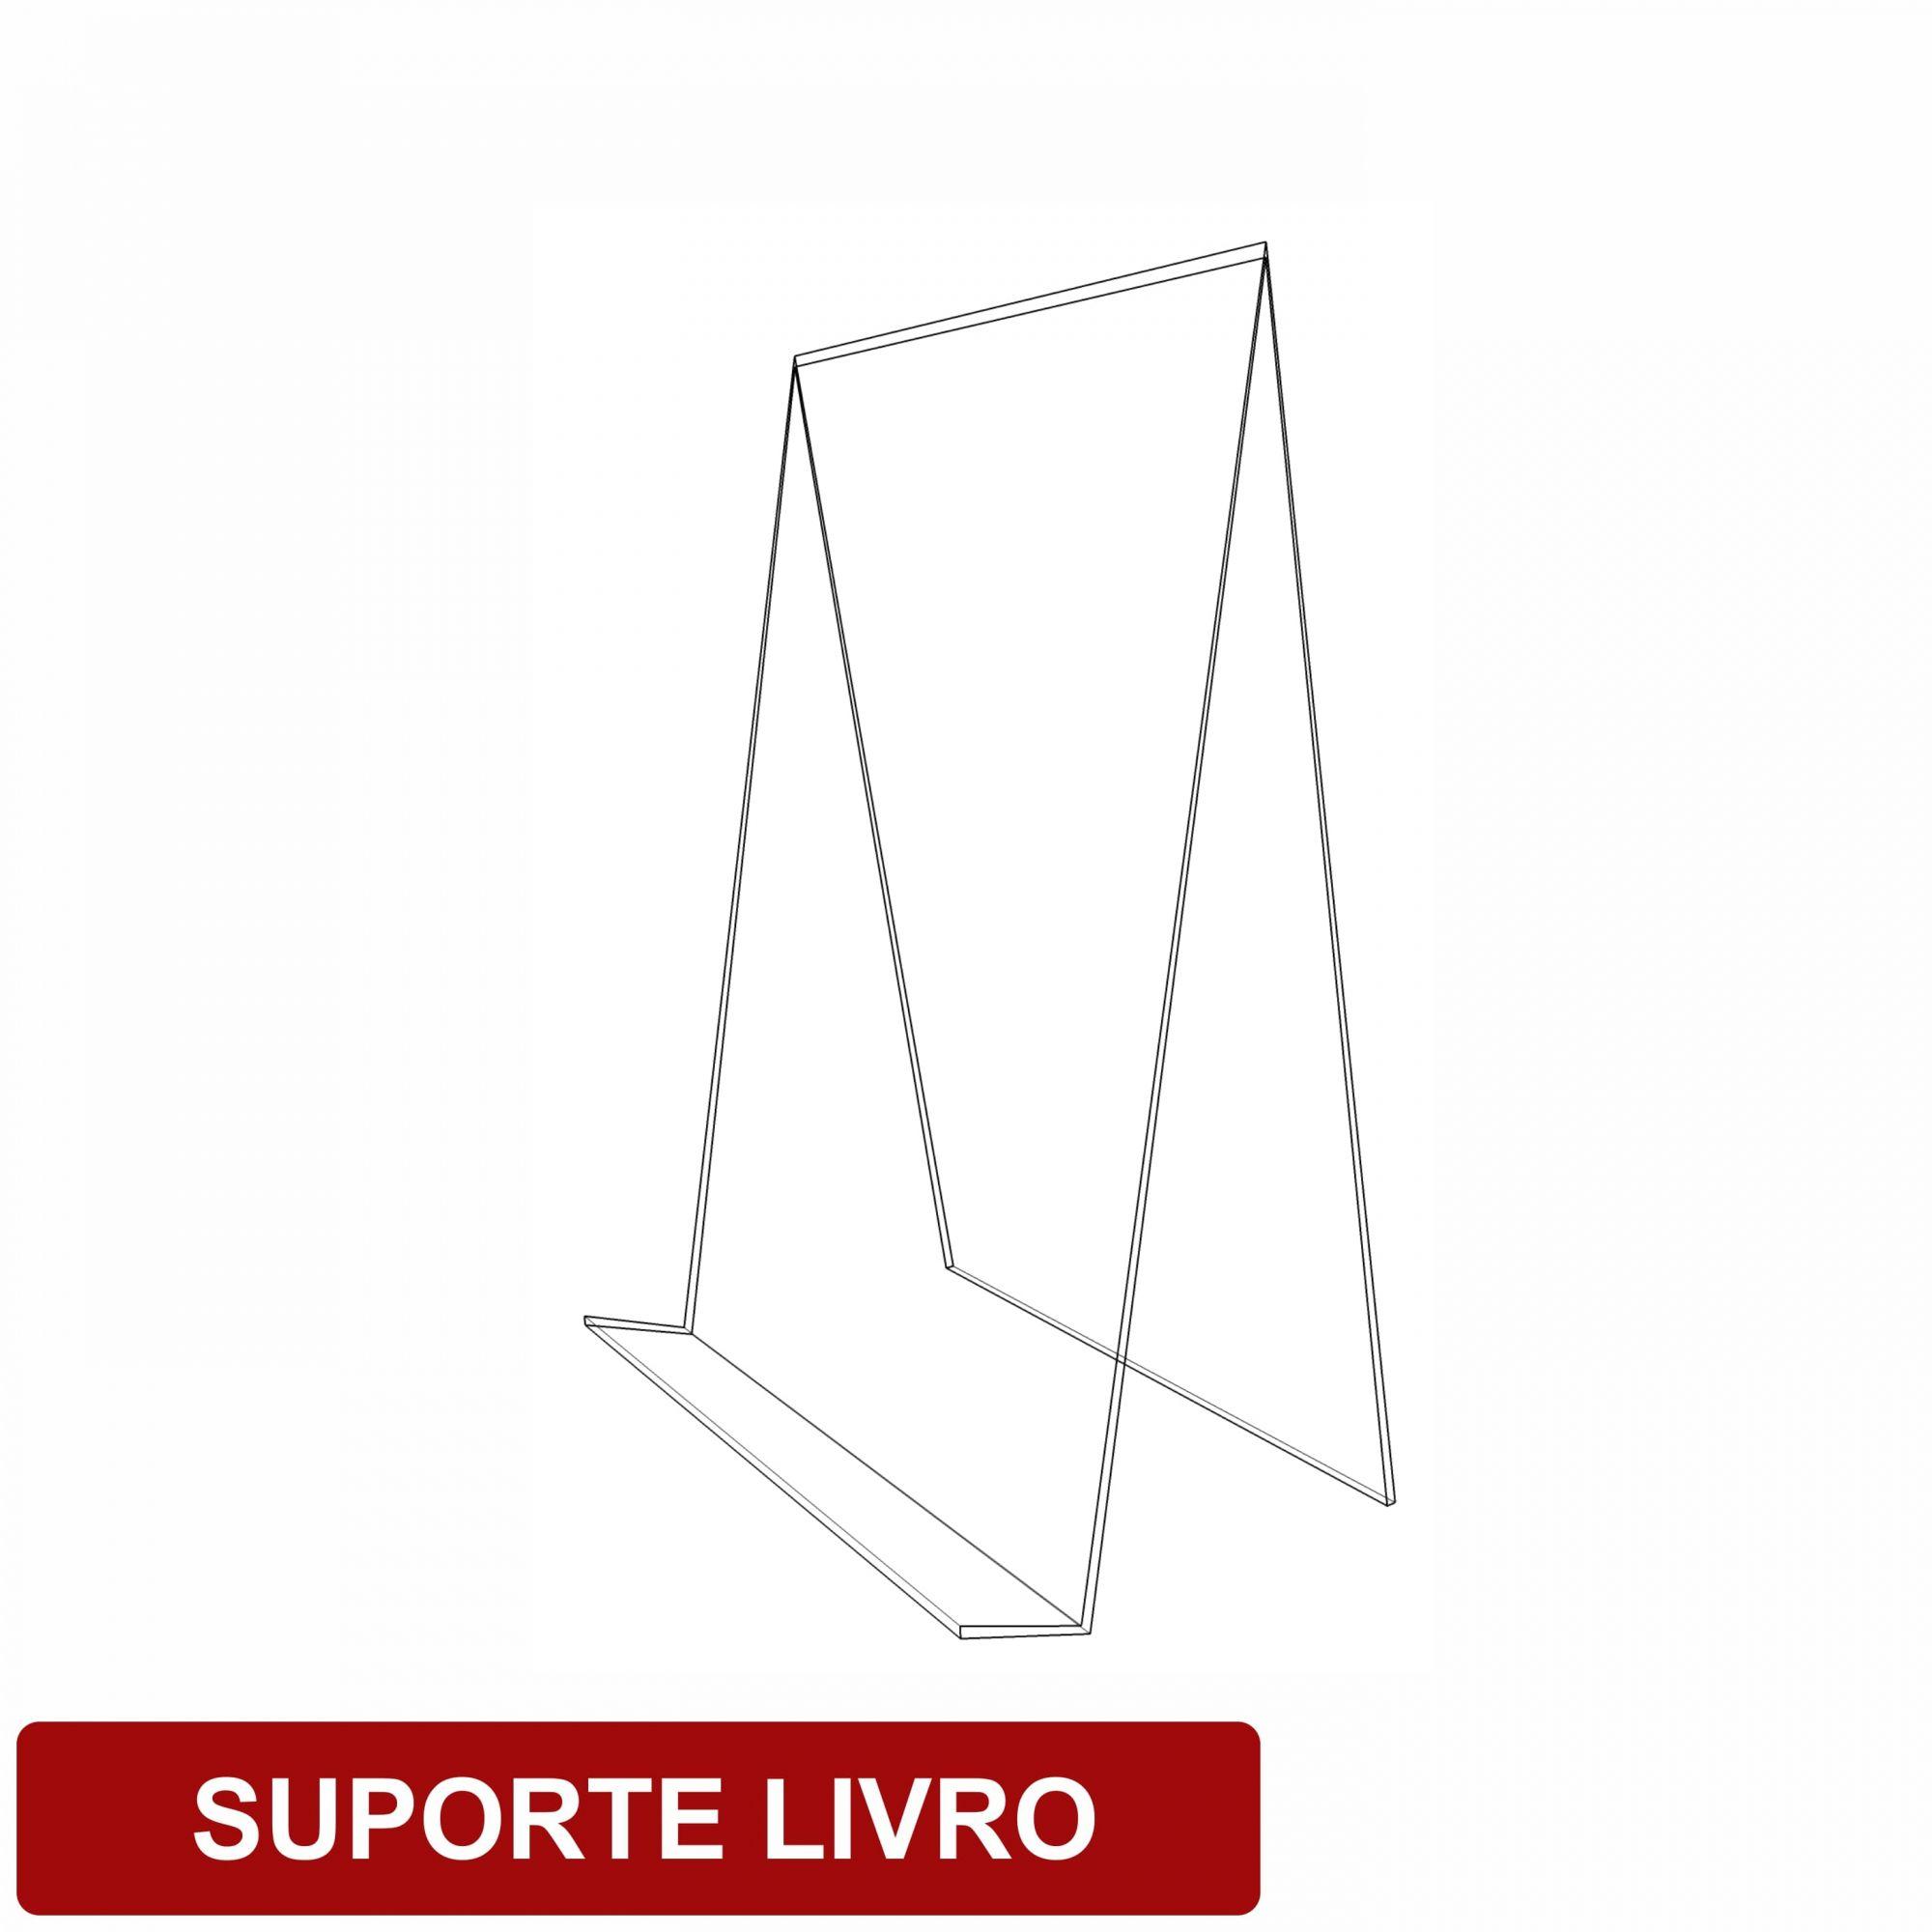 Display suporte para livros  - Towbar Sinalização de Segurança